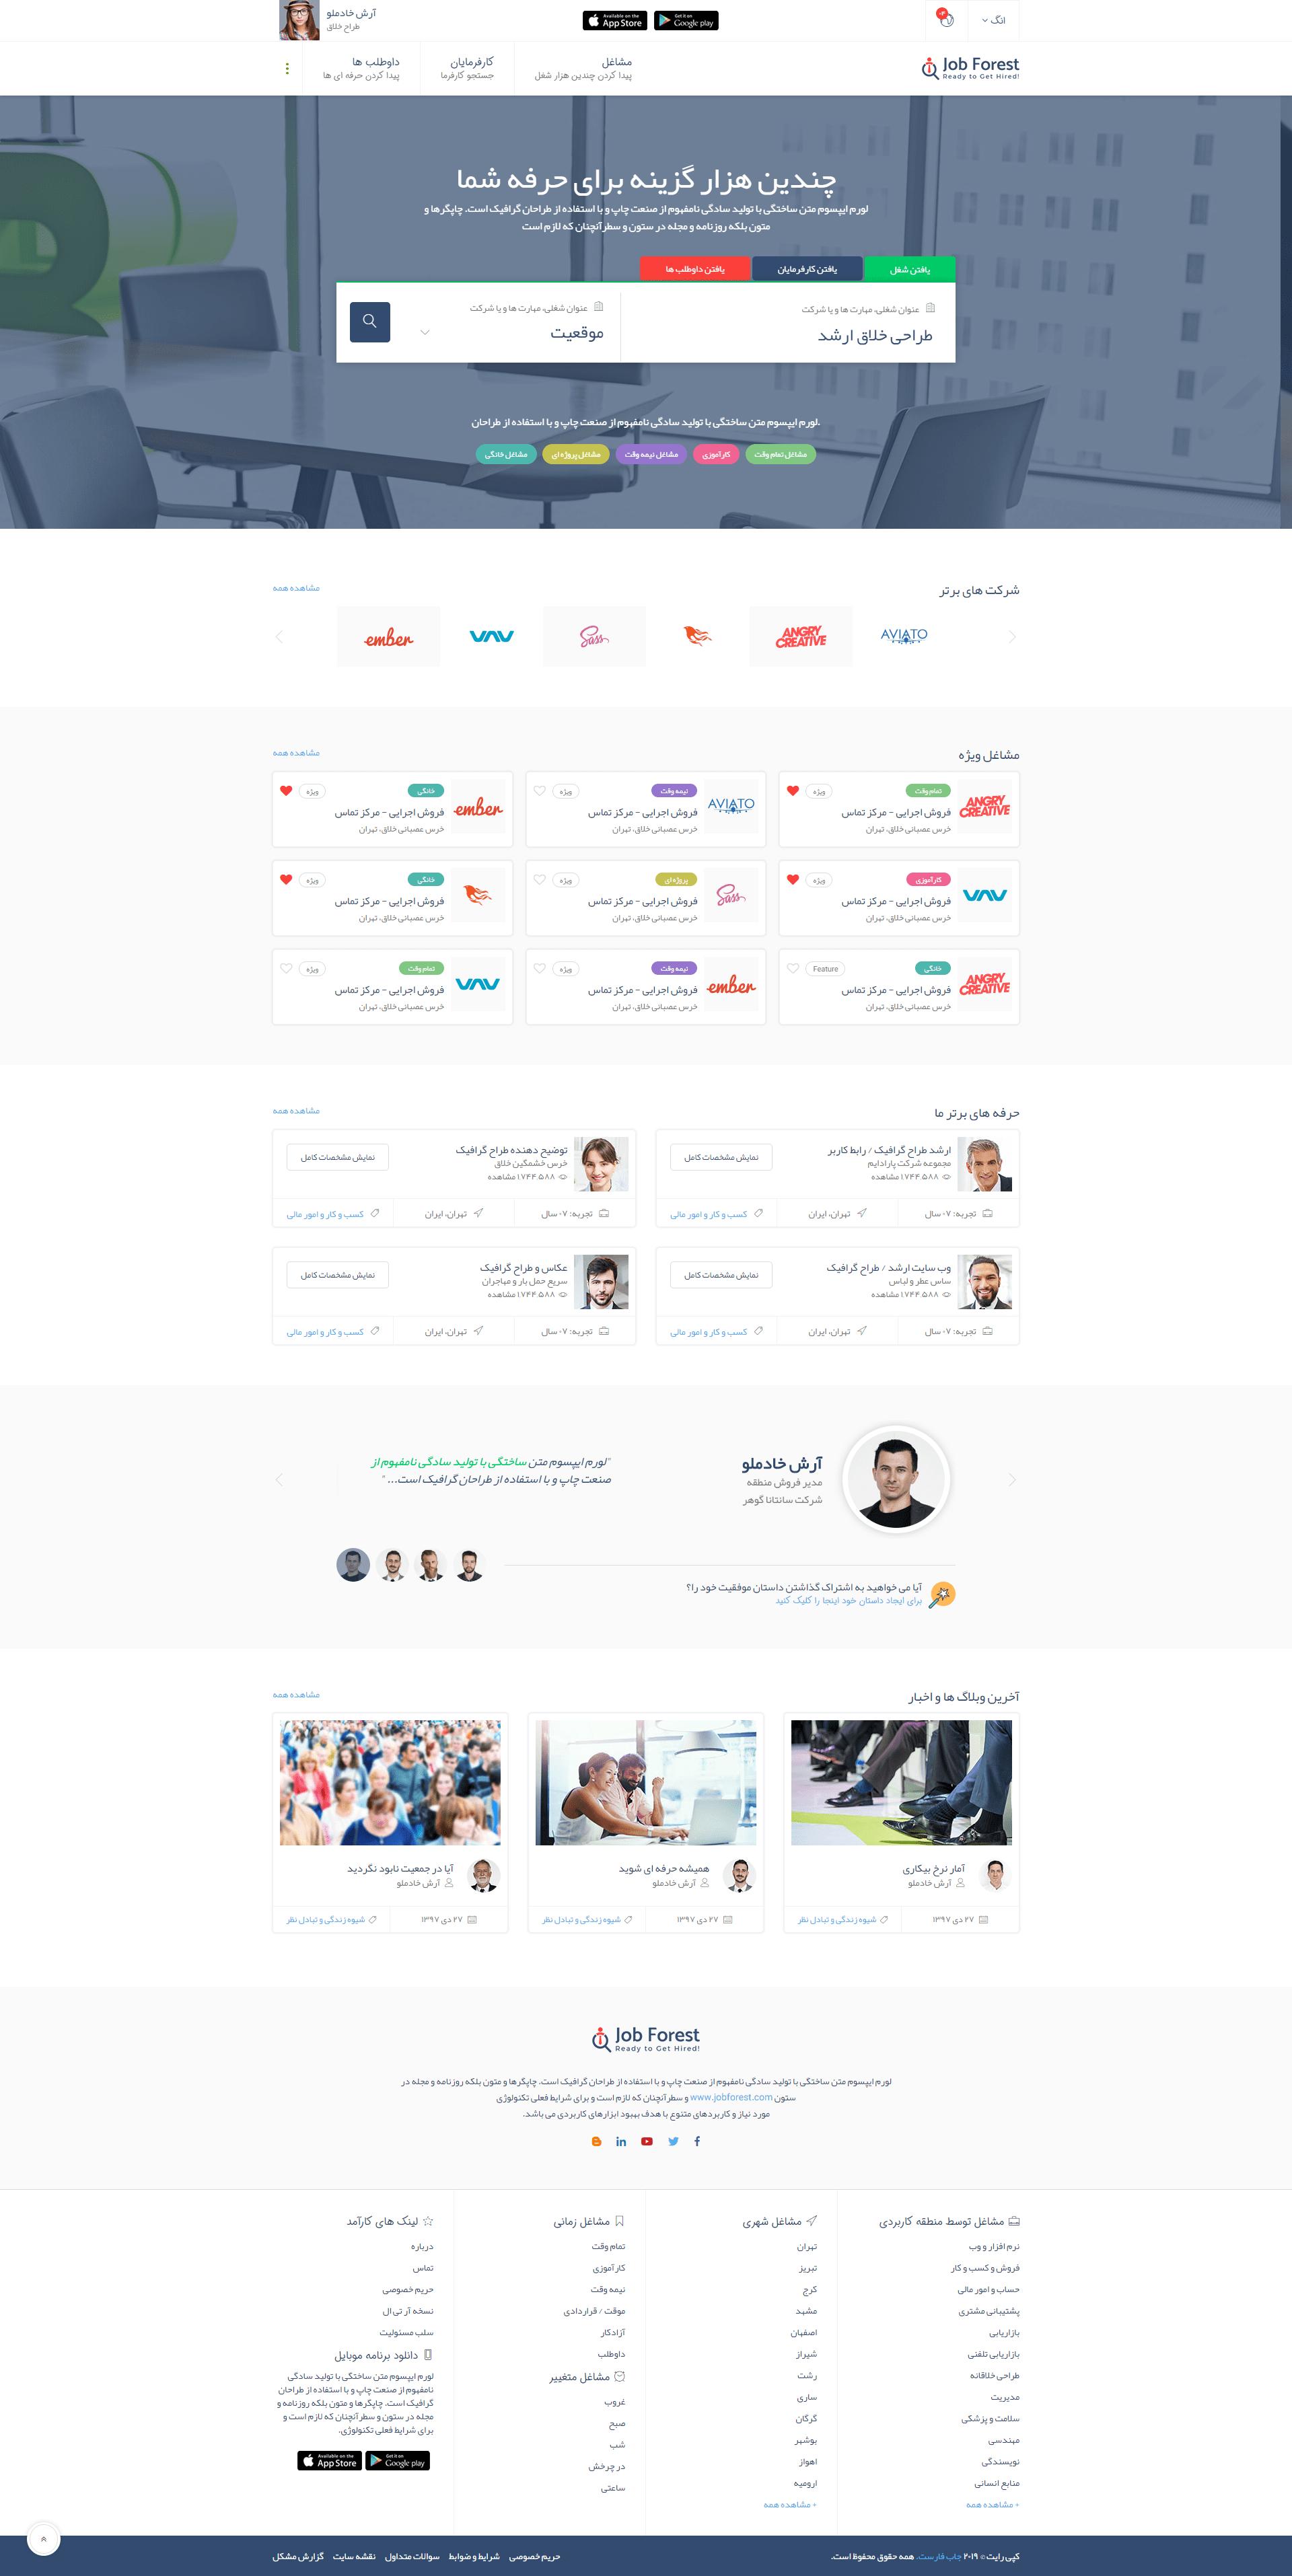 قالب HTML جاب فارست پوسته دایرکتوری مناسب برای سایت های کاریابی | راست چین